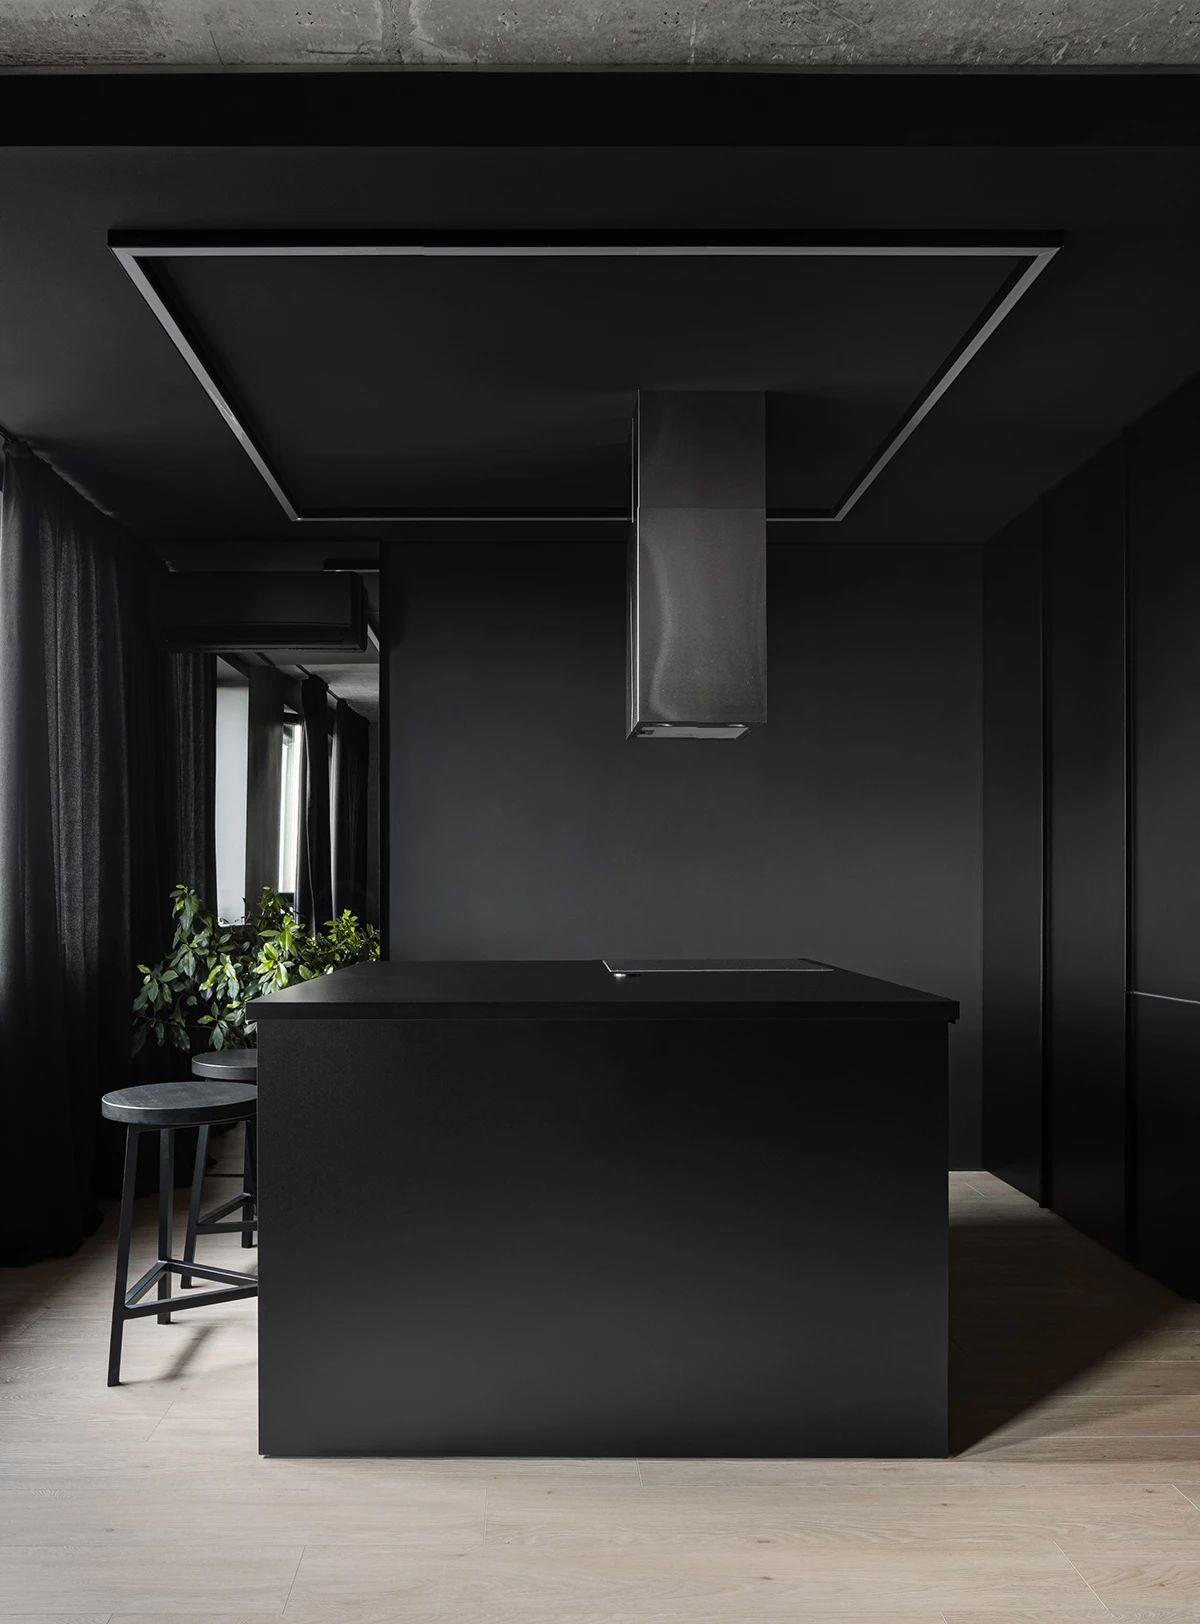 黑色系小户型厨房装修效果图